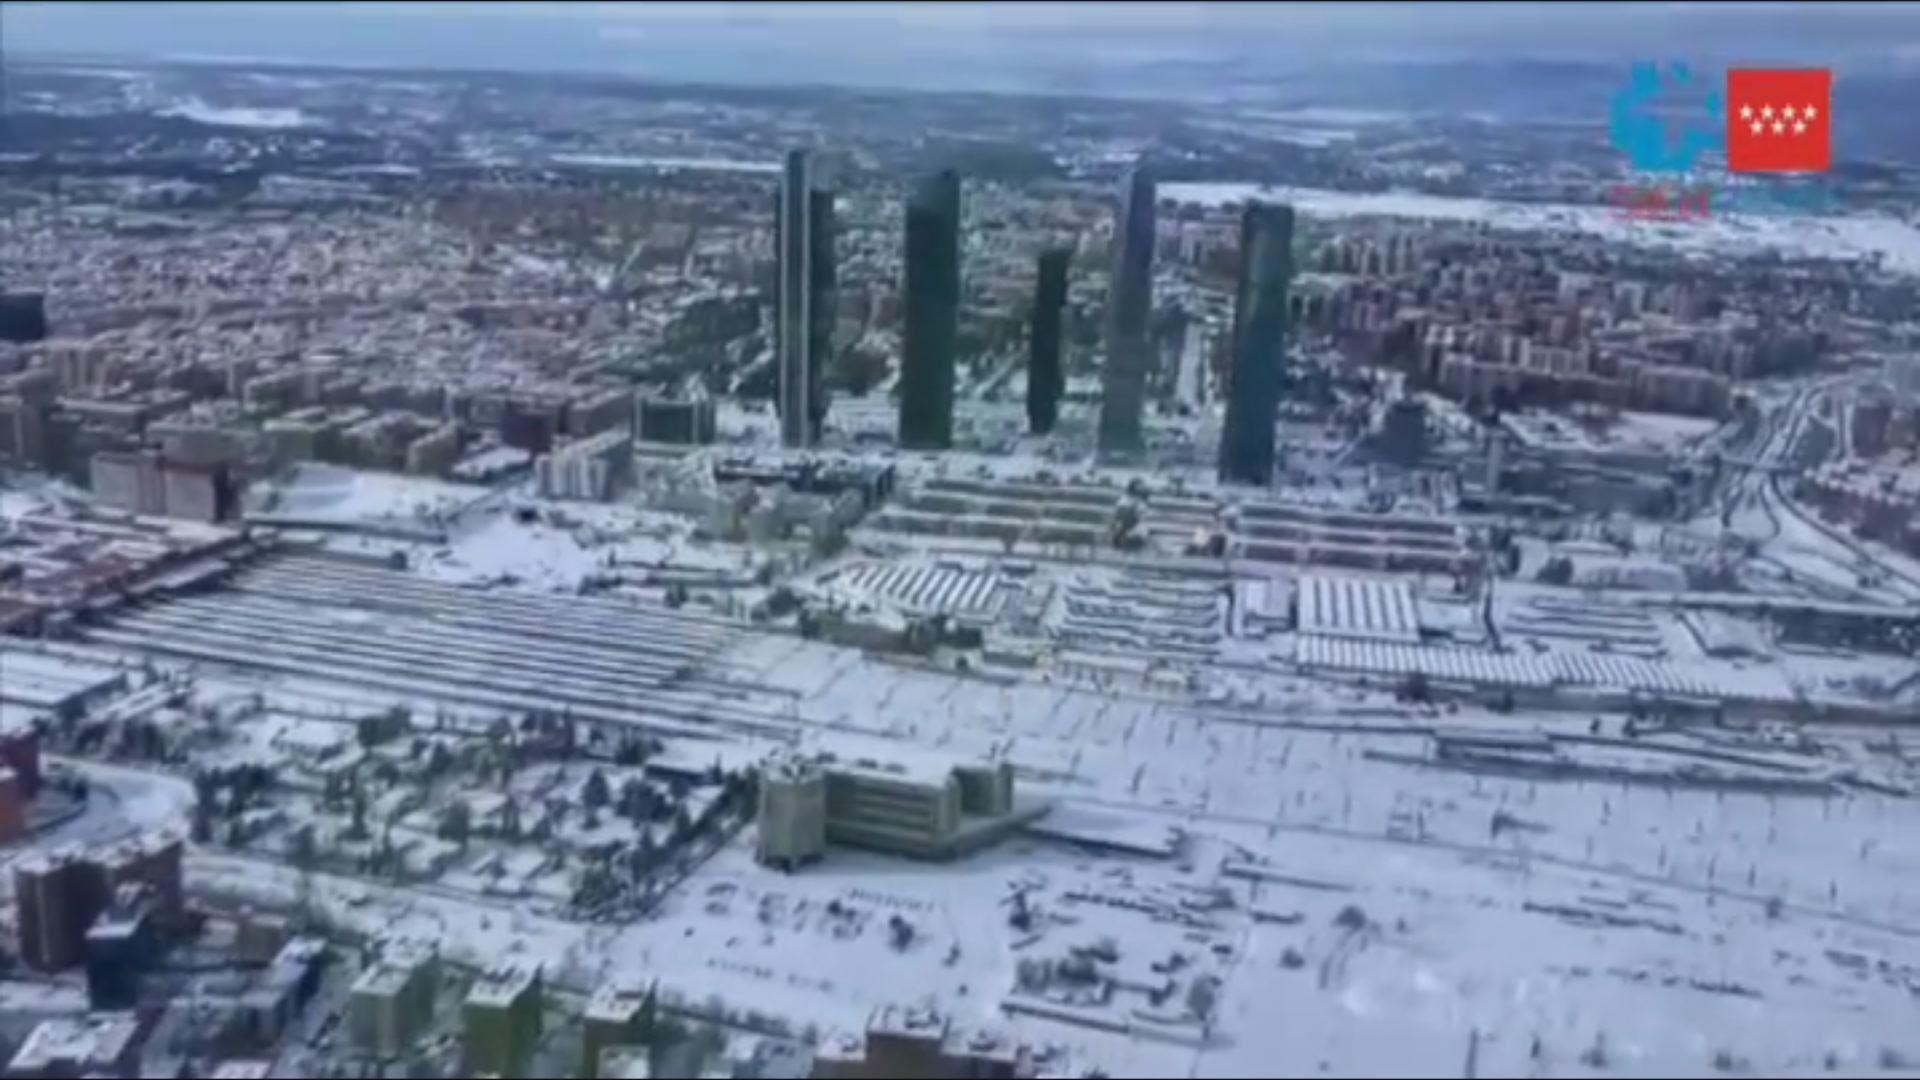 La nevada sobre Madrid, a vista de pájaro.Aeropuerto de Peinador, vacío